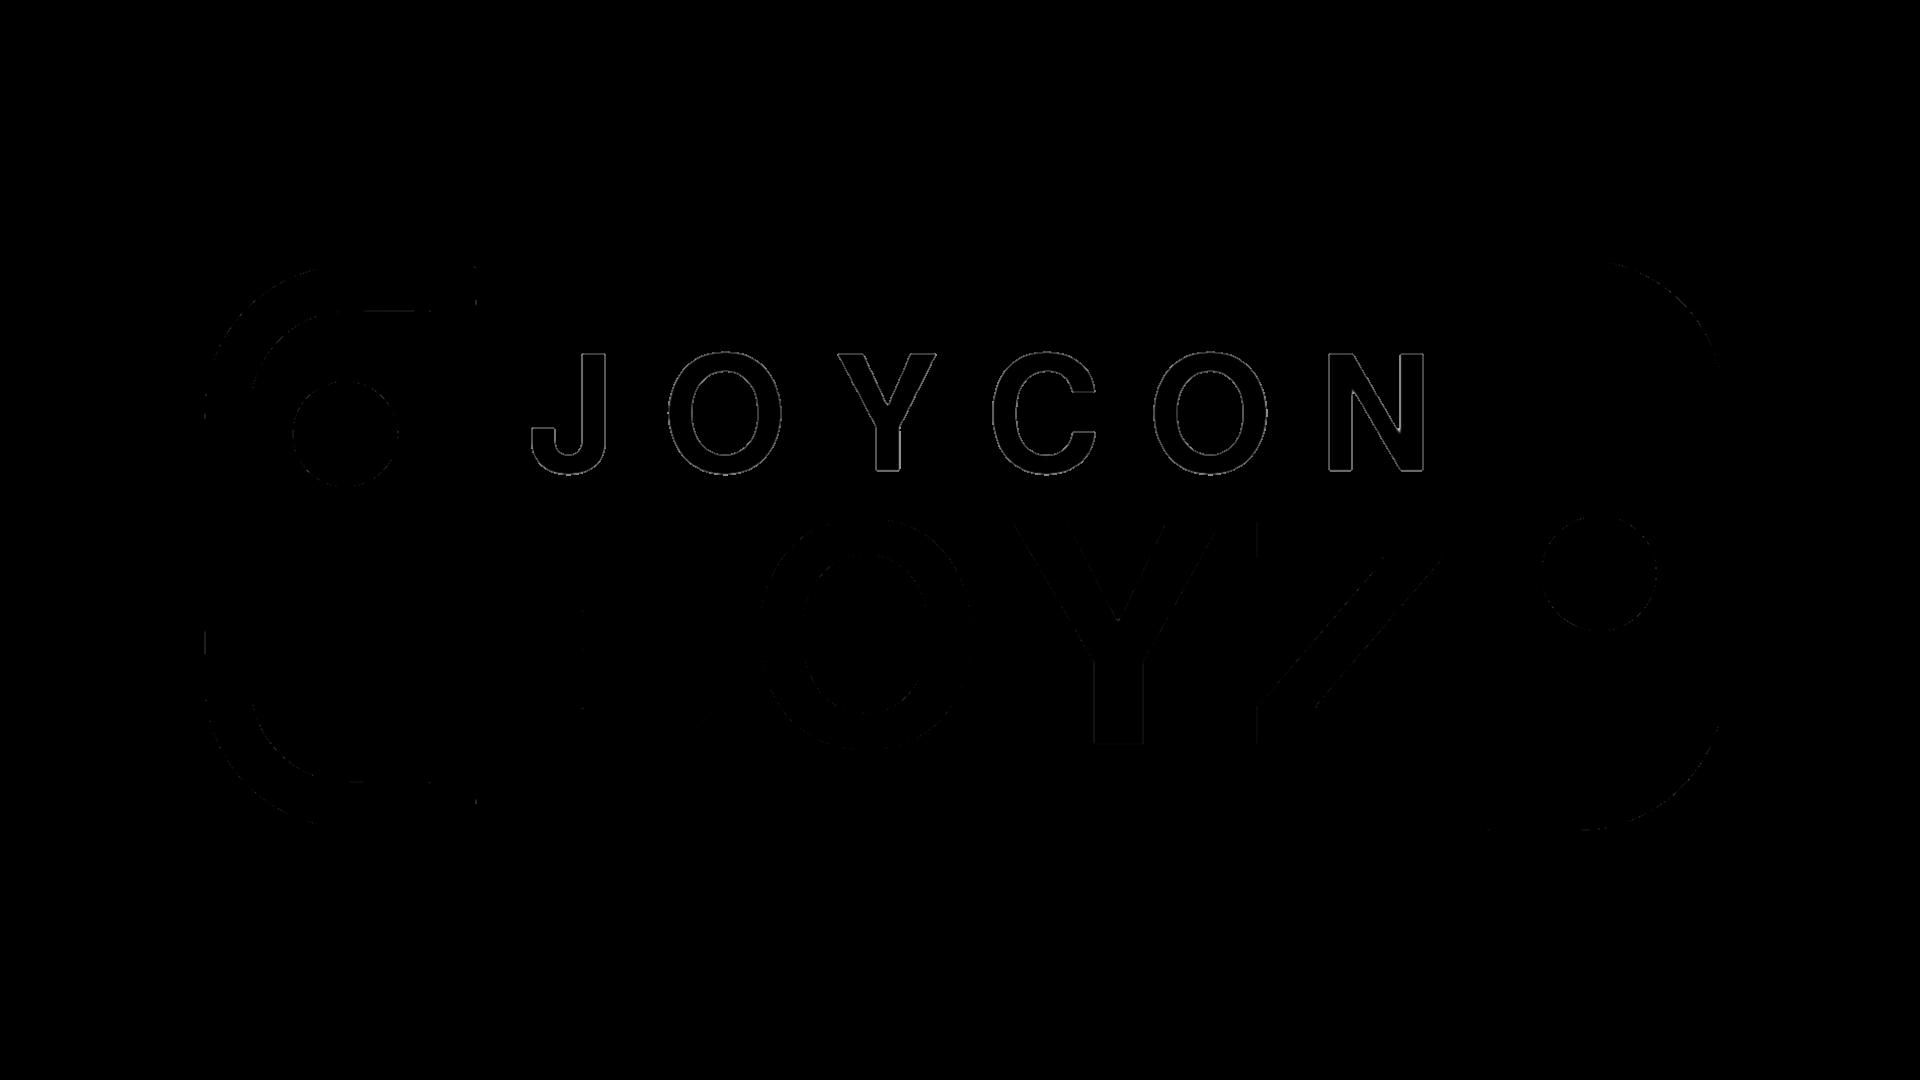 HD Joycon Boyz PNG file (for memes and shit.